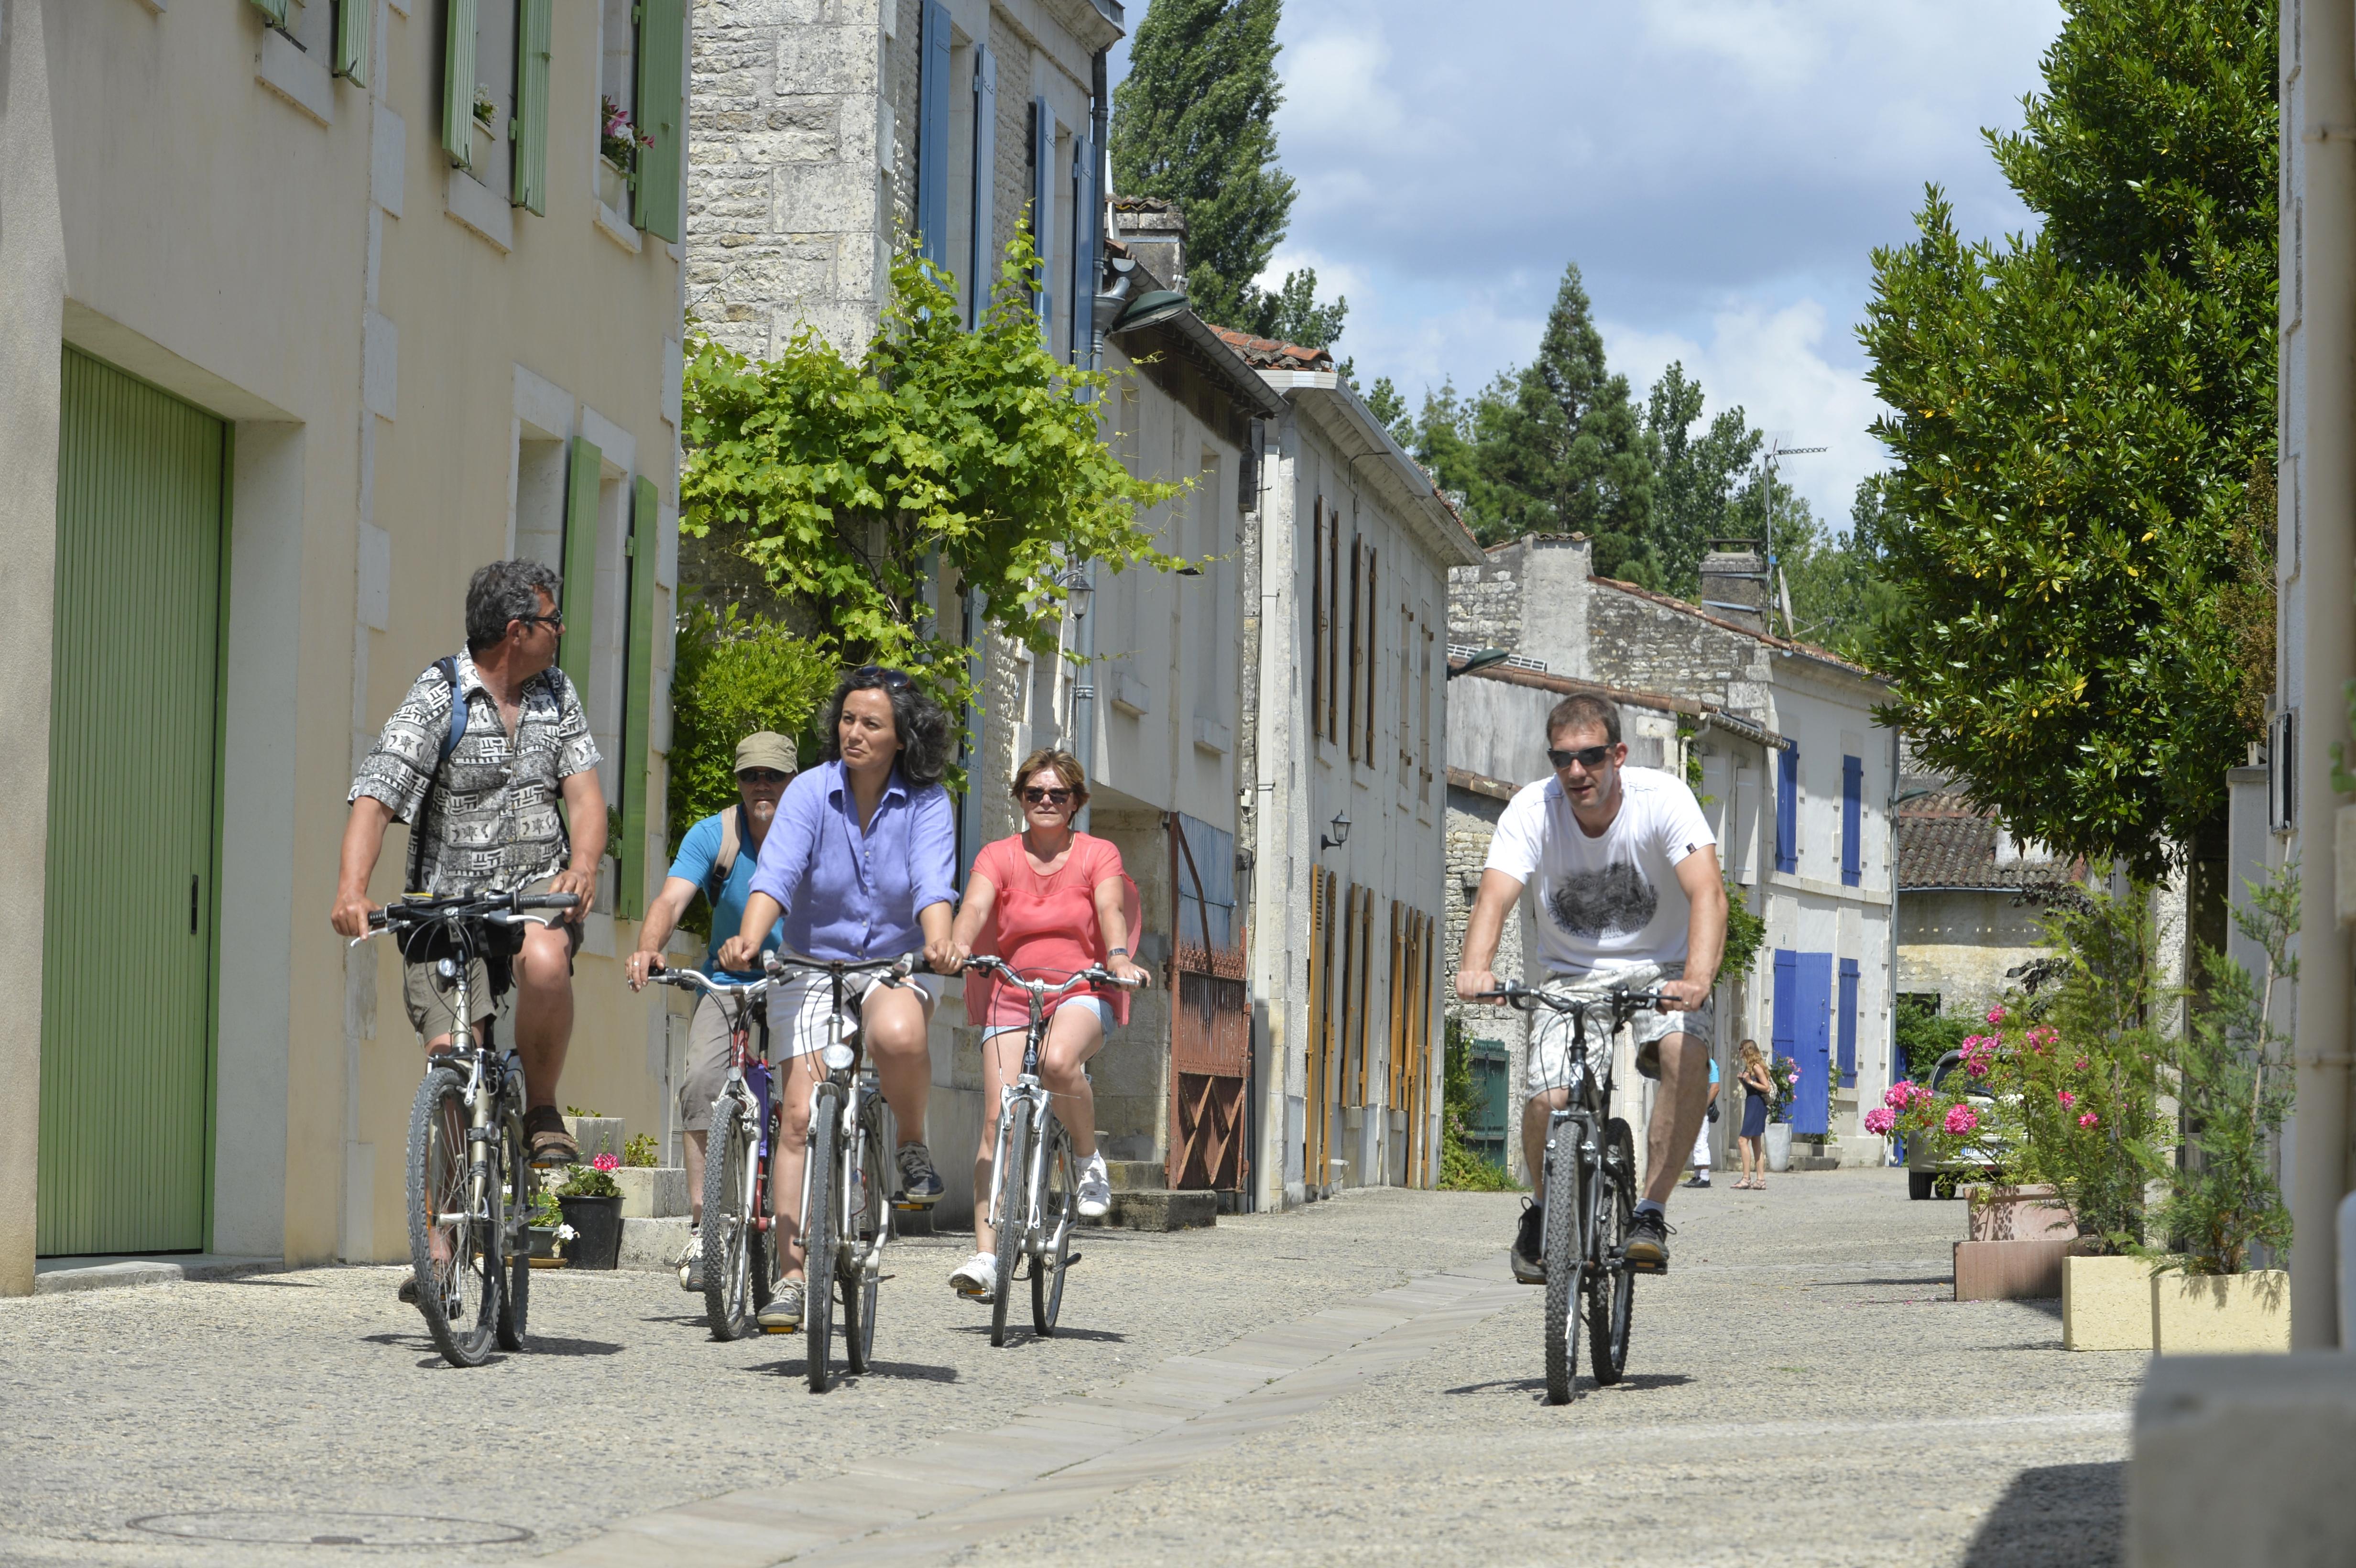 Traversée en vélo du village rue de La Garette à Sansais dans le parc naturel régional du marais poitevin